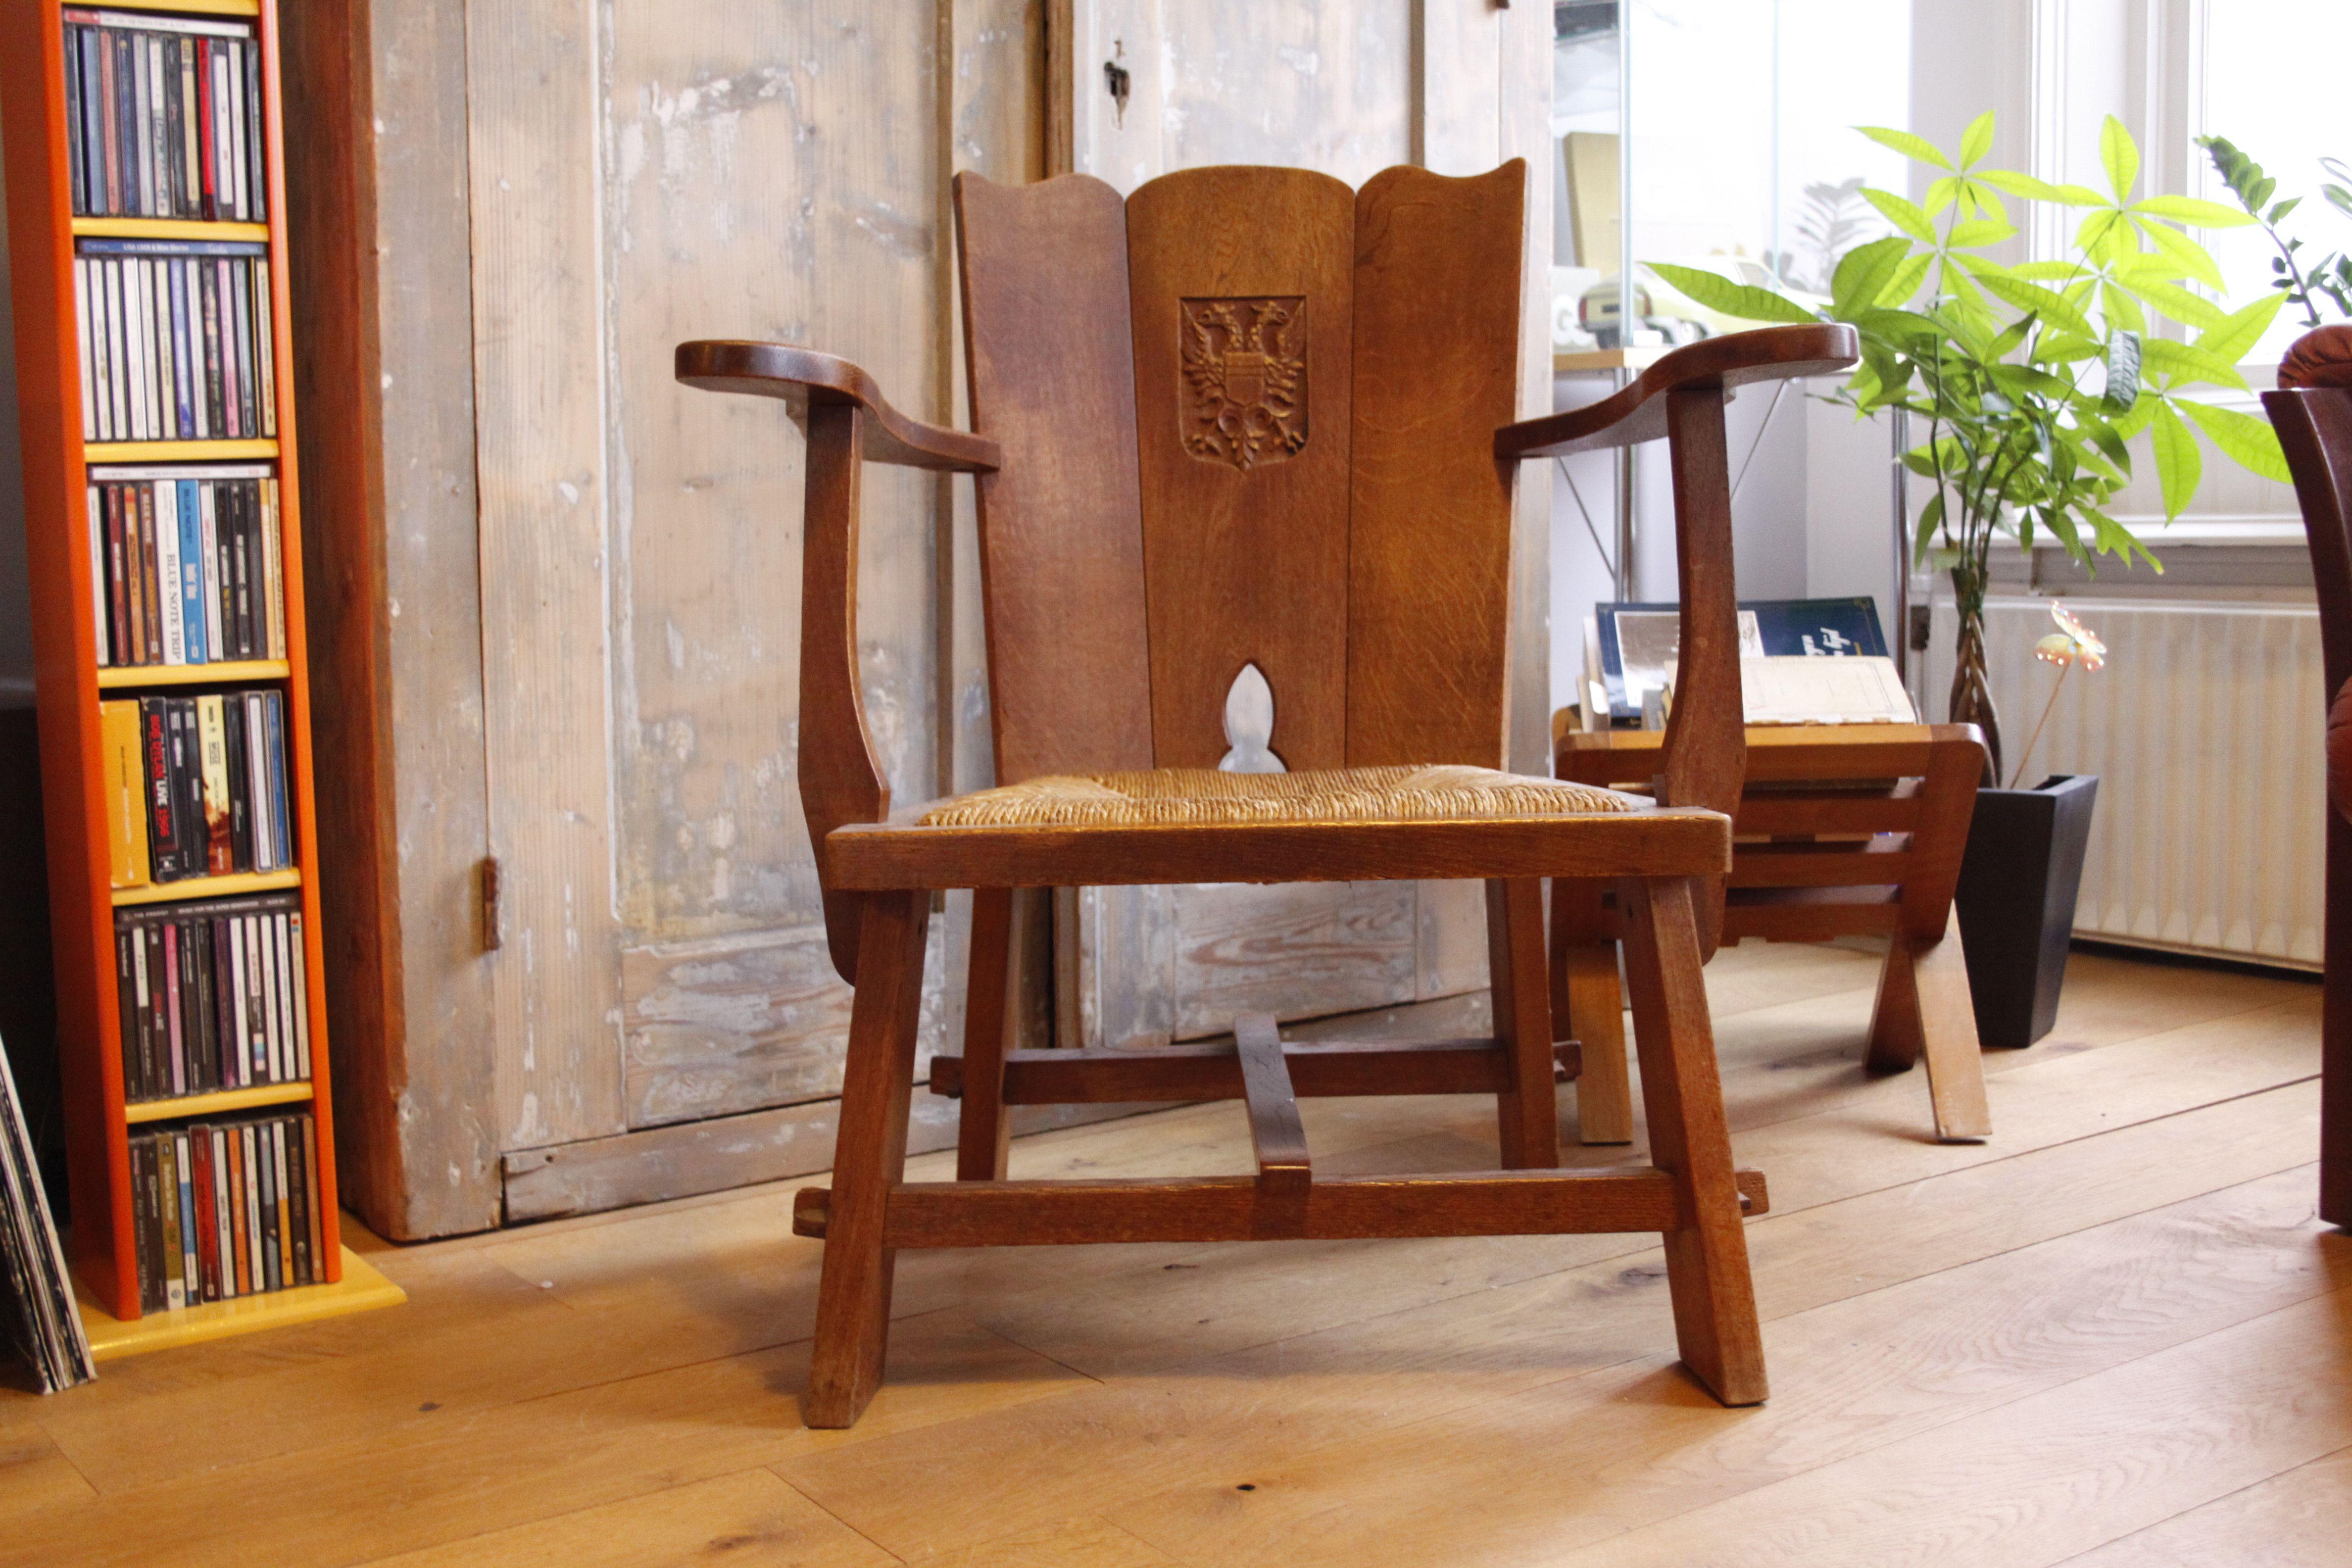 Antieke Fauteuils Te Koop.Te Koop Twee Antieke Raadhuisstoelen Of Fauteuils Uit De